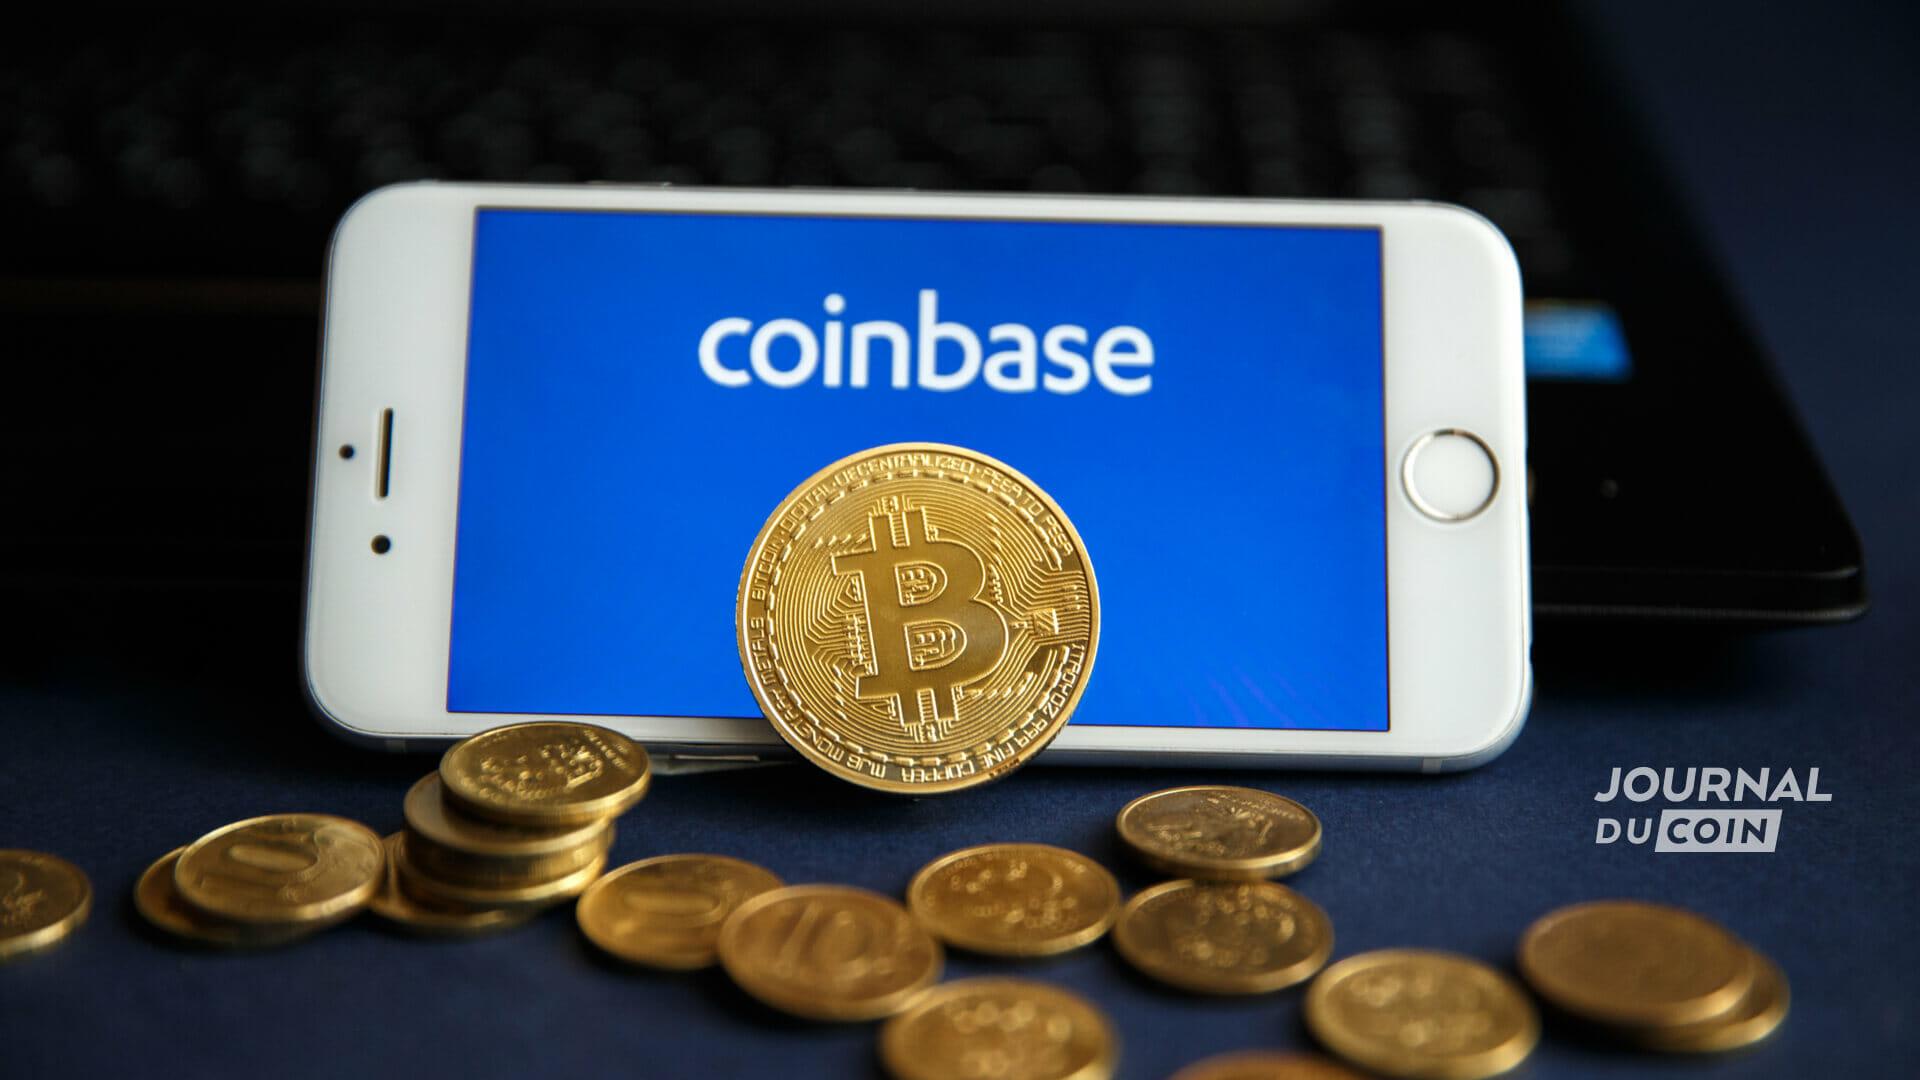 Contrats à terme Bitcoin et crypto – Le jeu dangereux de Coinbase